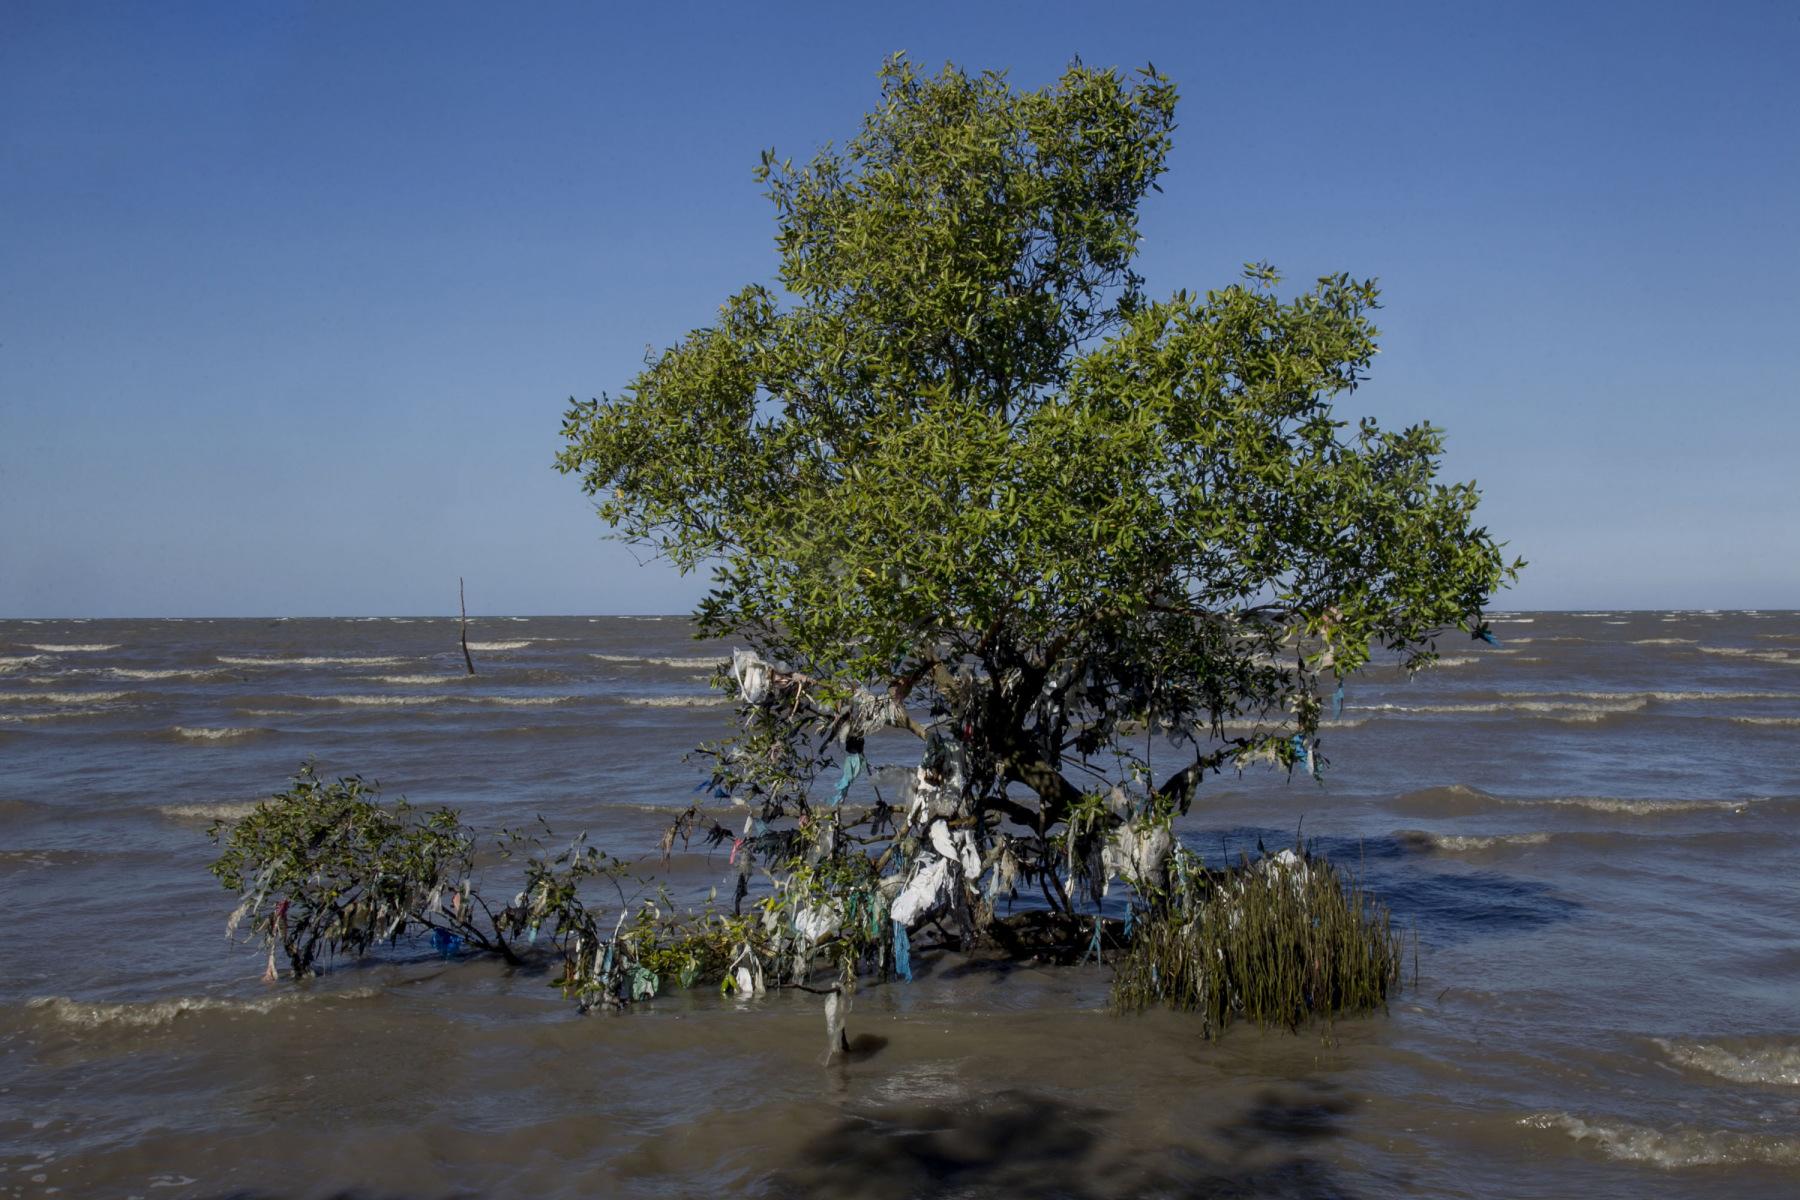 Hutan mangrove atau bakau merupakan komunitas vegetasi di pantai tropis yang memiliki banyak fungsi dan manfaat, menjadi habitat berbagai jenis satwa, pelindung terhadap bencana alam, penambah unsur hara, penyerap karbon (CO2),memelihara iklim mikro atau menjaga kelembaban dan curah hujan. Dalam satu dekade terakhir kondisi hutan mangrove di Indonesia sudah pada tingkat yang kritis yang mengalami kerusakan mencapai lebih dari 60 persen dari total areal hutan mangrove yaitu 8,6 juta hektar.